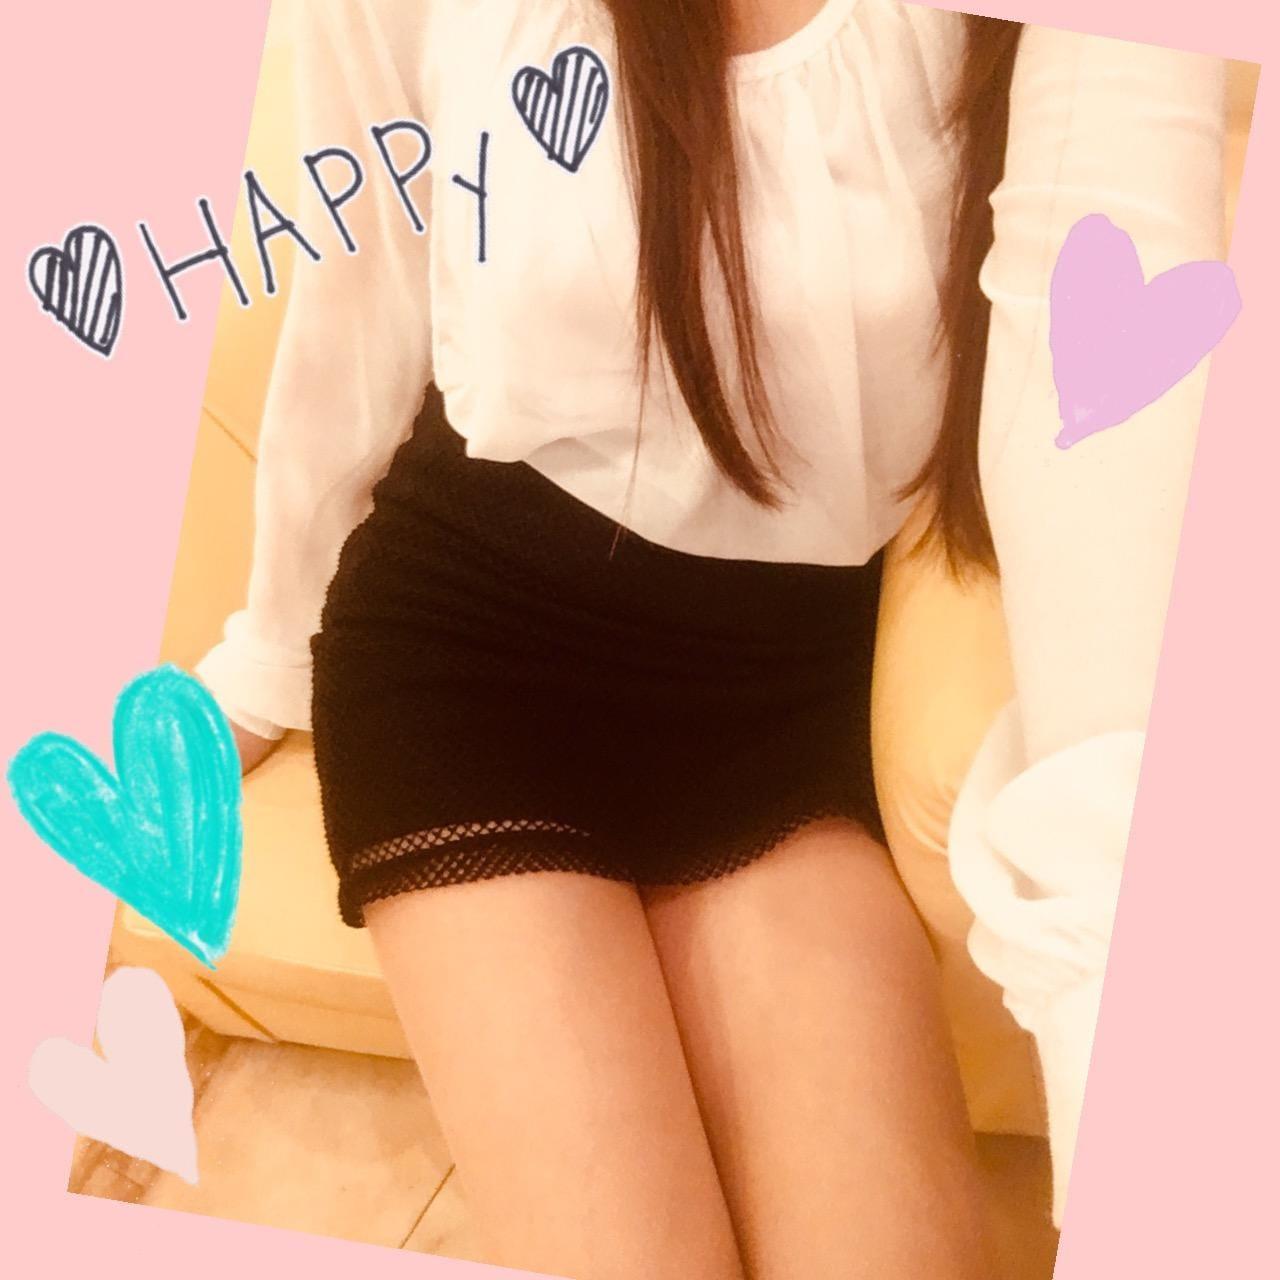 「☆ともみ☆」06/17(06/17) 08:49 | 天上 ともみの写メ・風俗動画